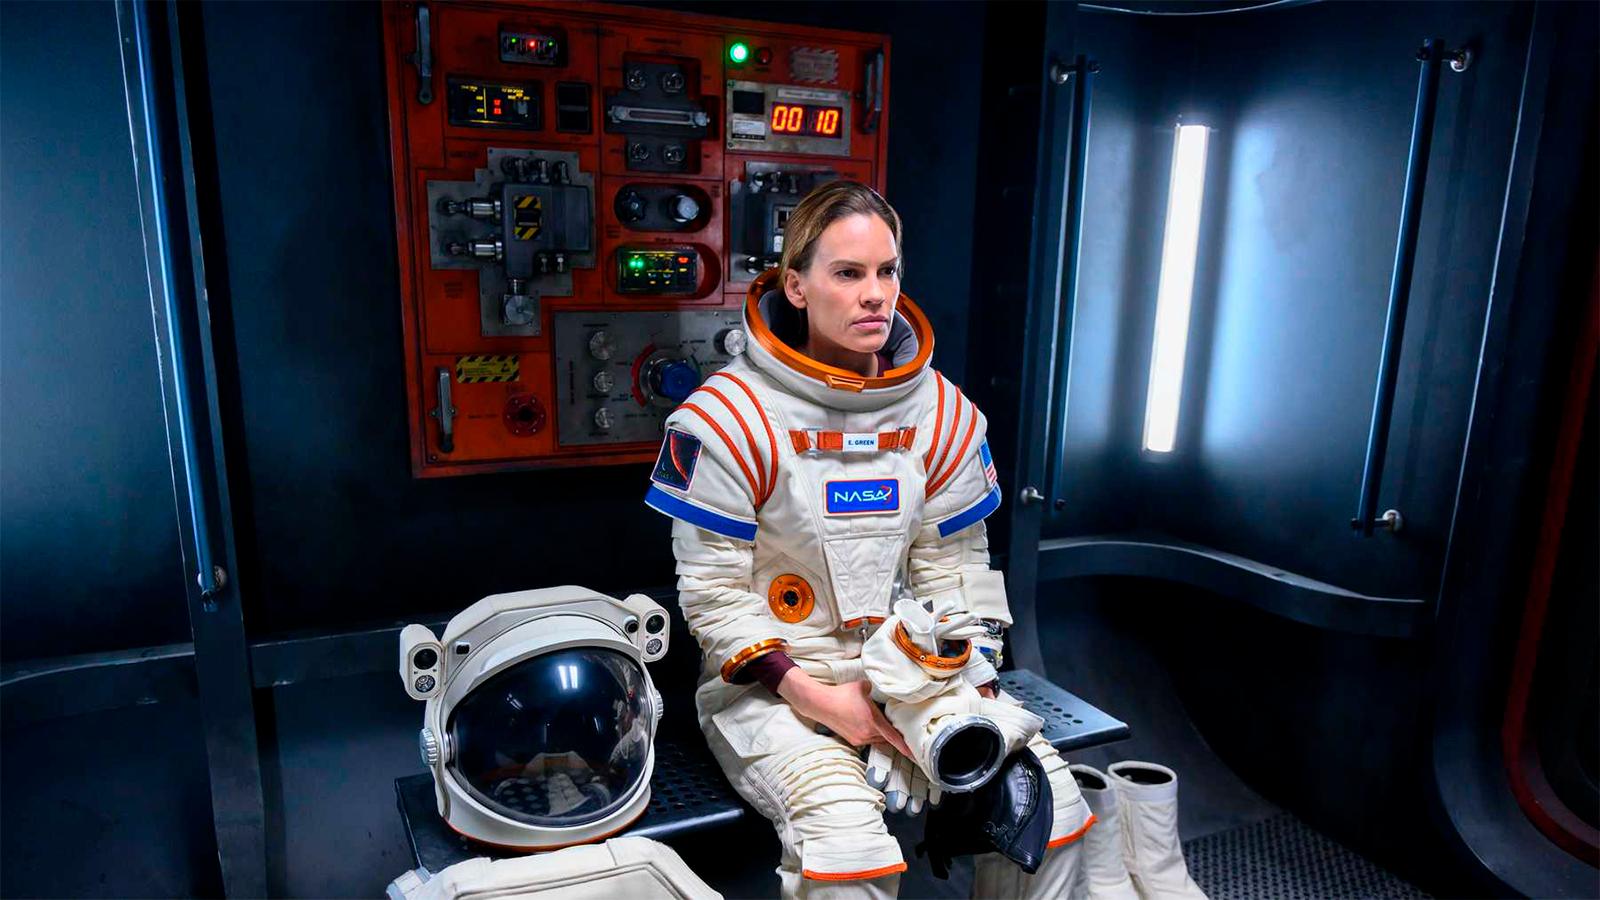 Vamos de série no espaço para ver com o lencinho na mão.